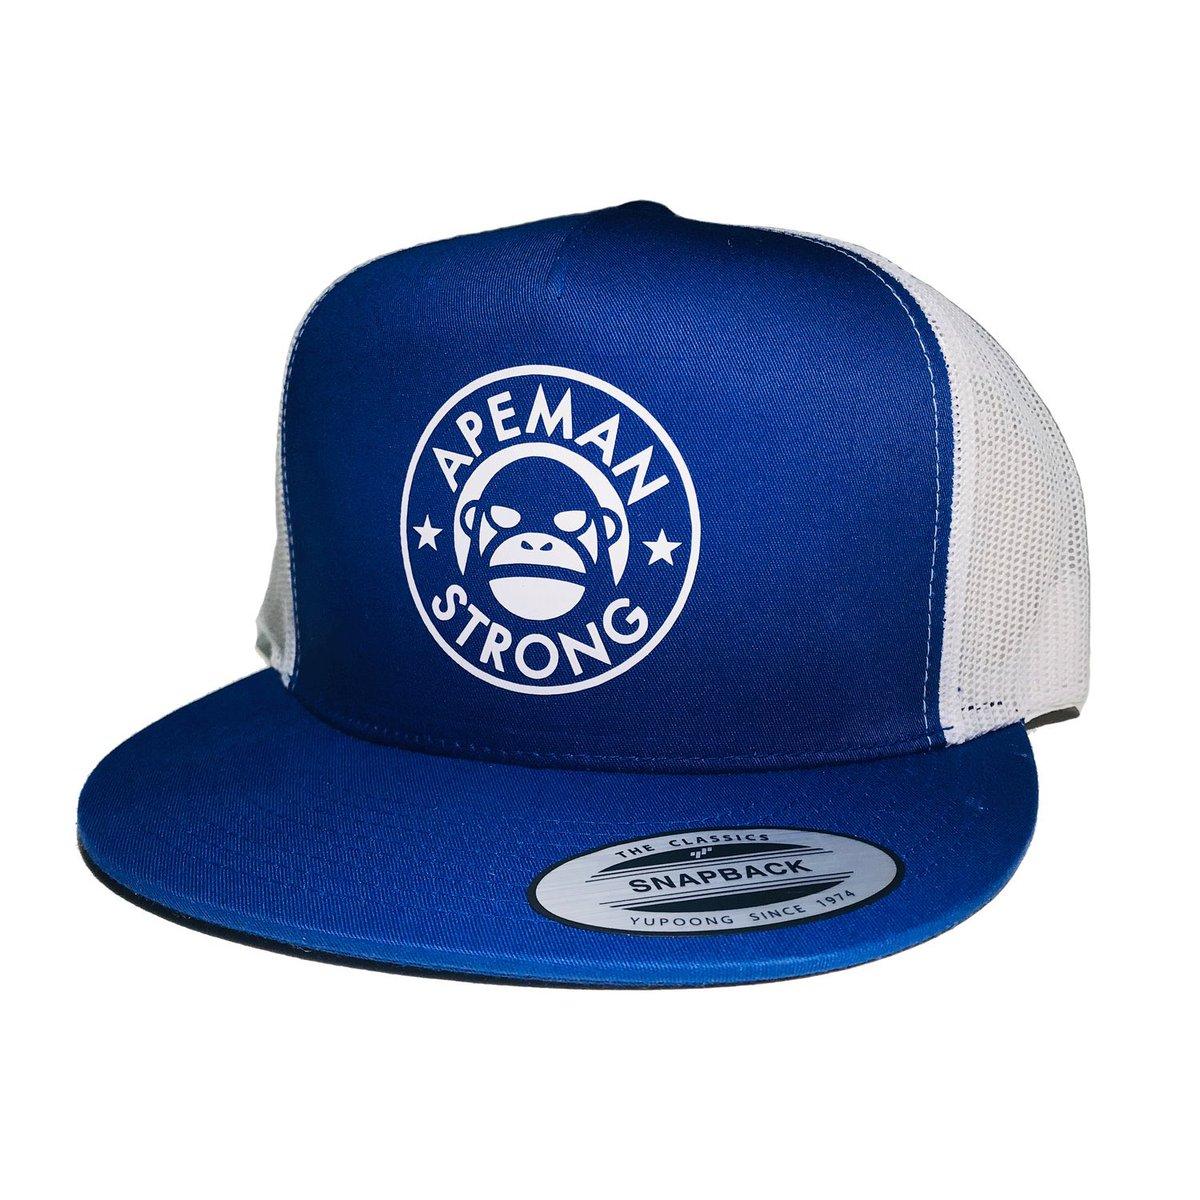 New Trucker Hats available. https://apemanstrong.com/trucker